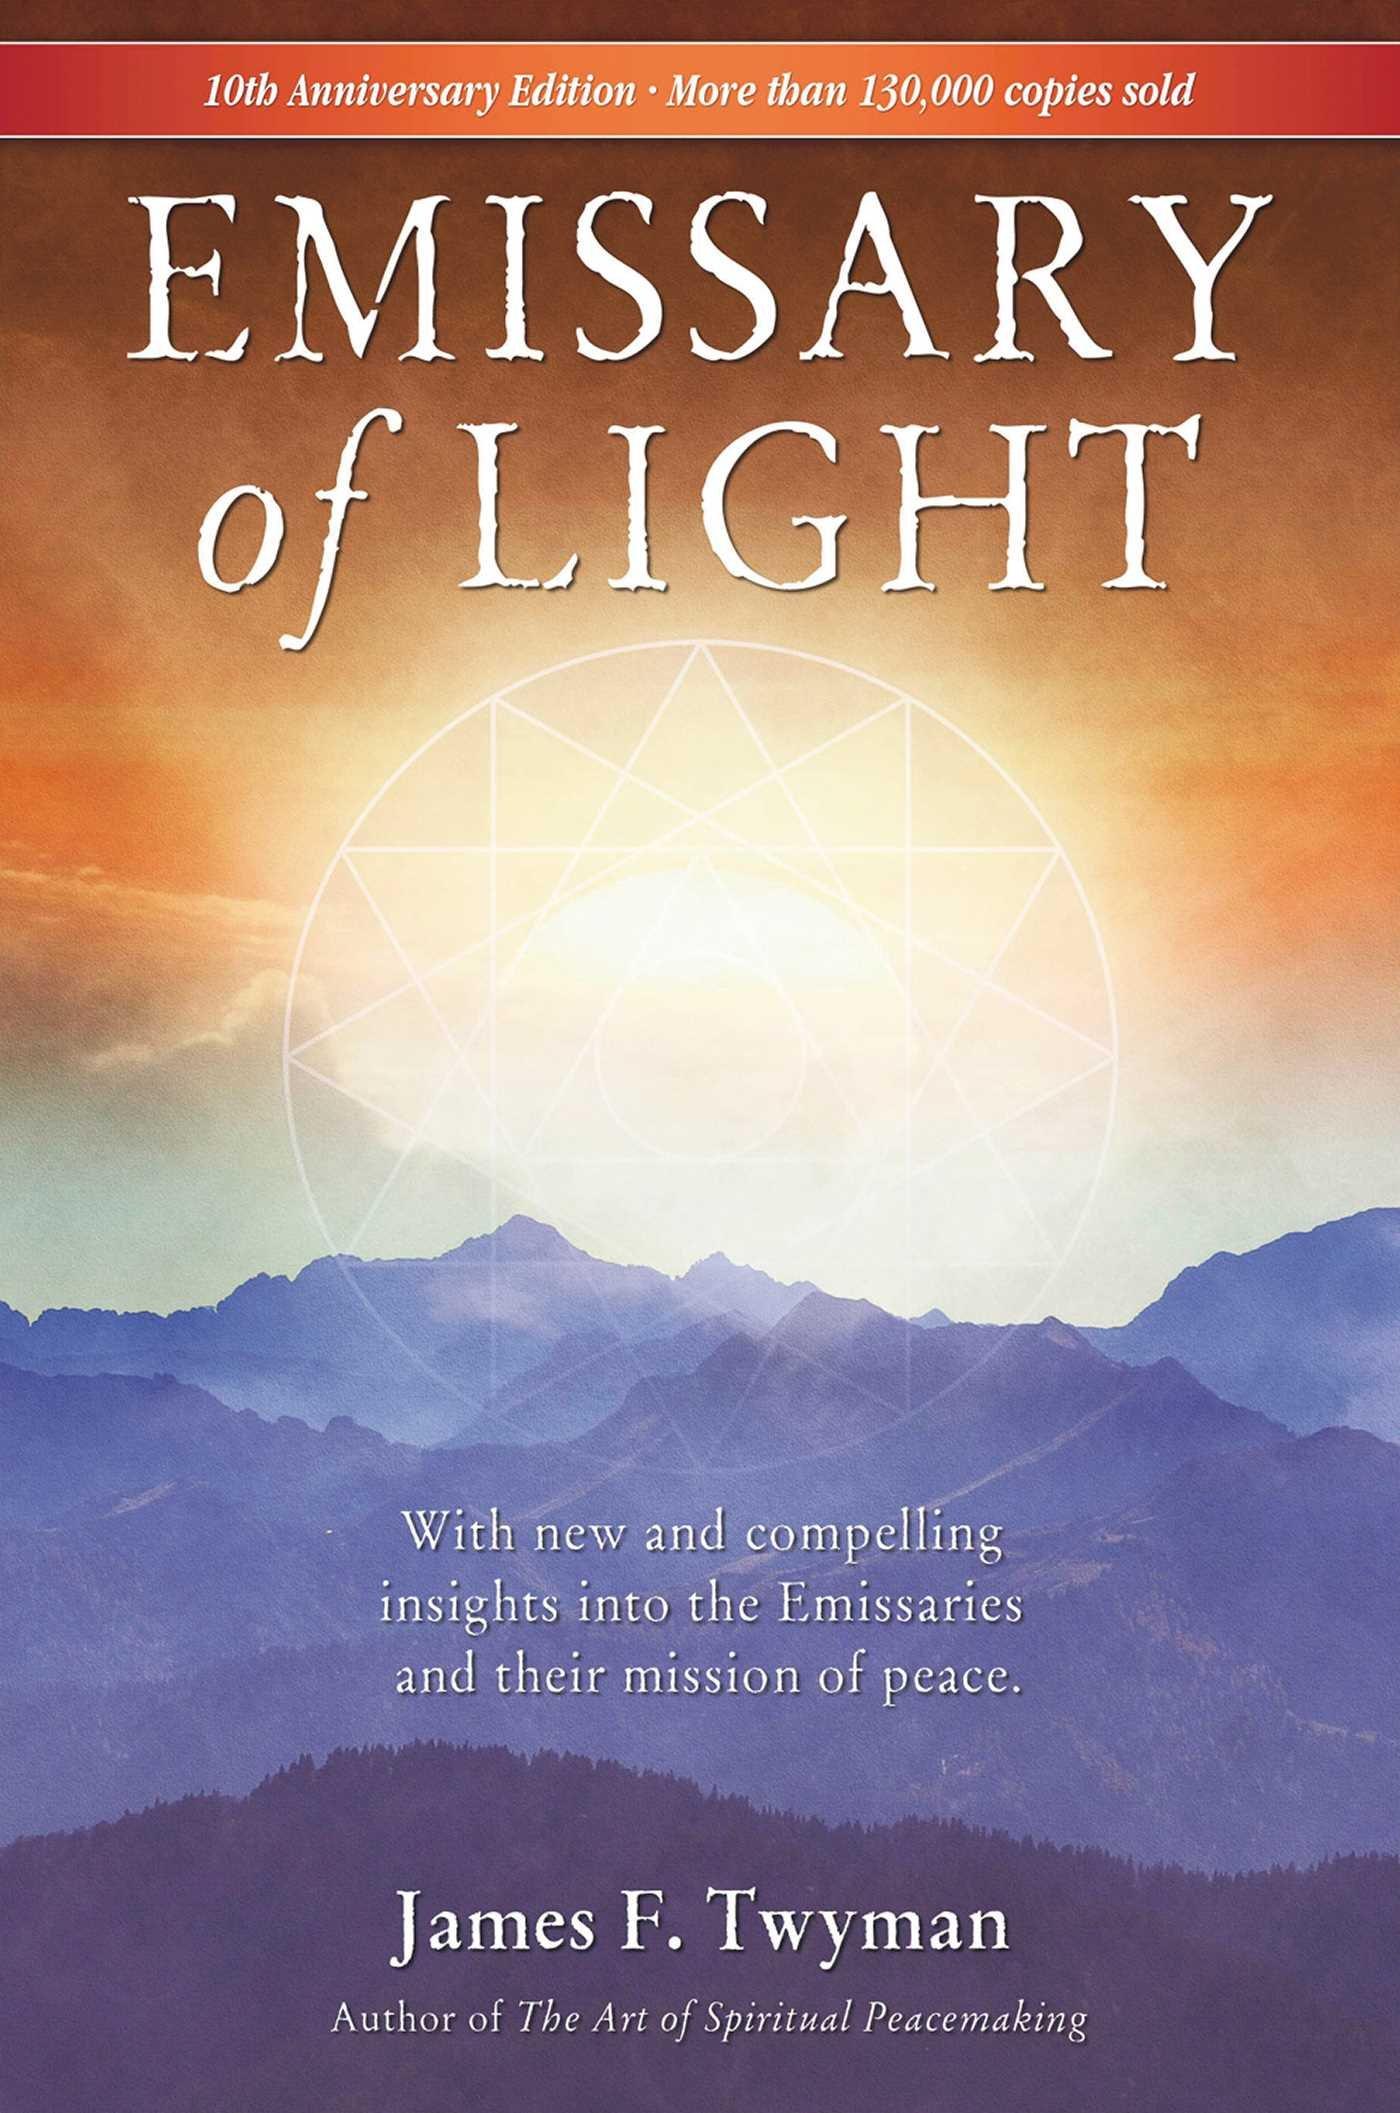 Emissary of Light